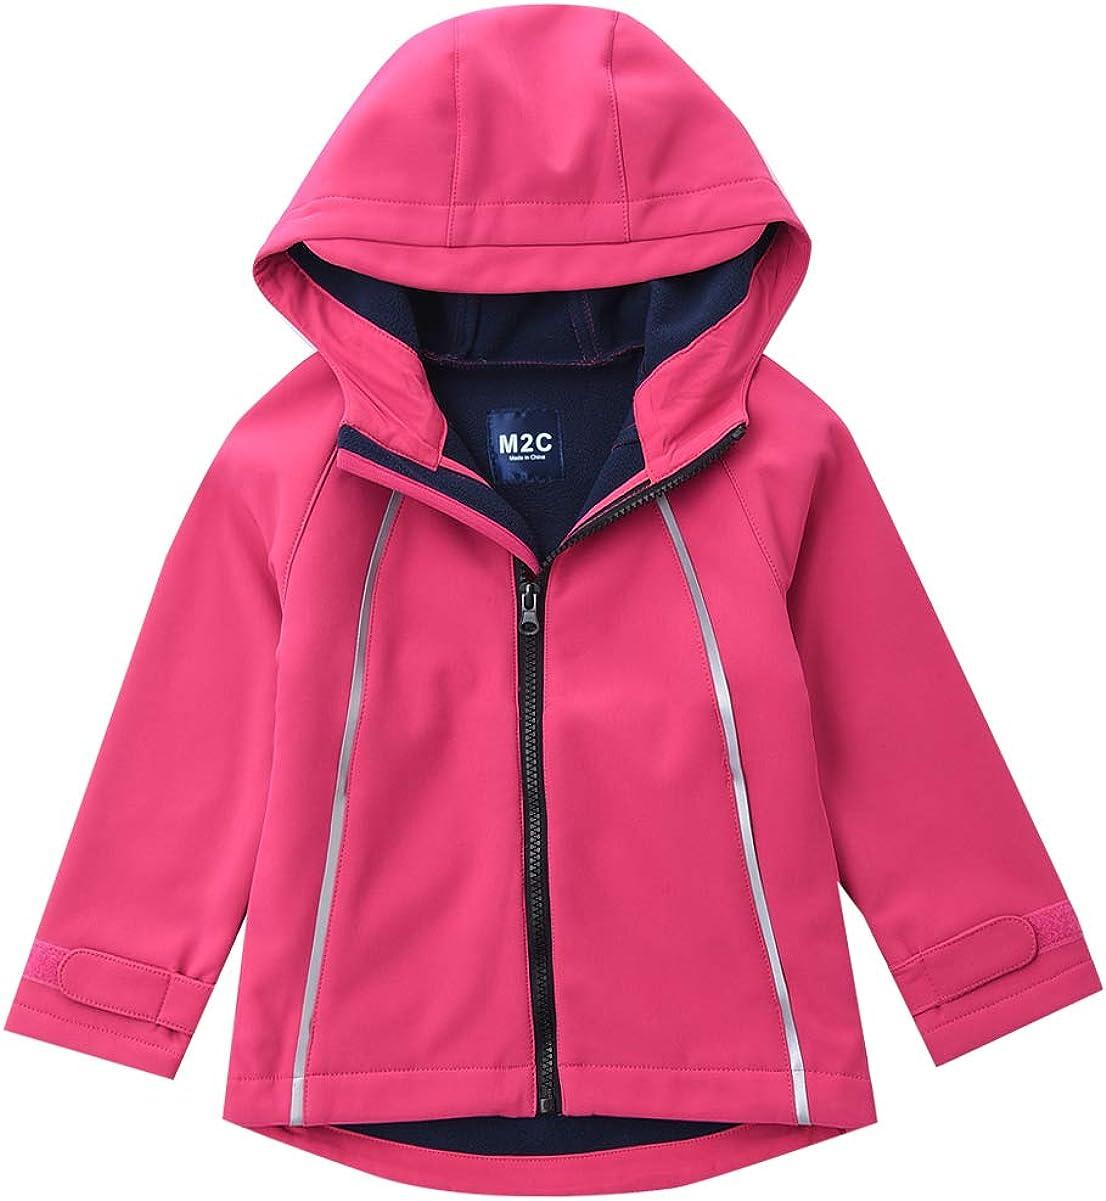 M2C Girls Hooded Fleece Lined Windproof Softshell Windbreaker Jacket